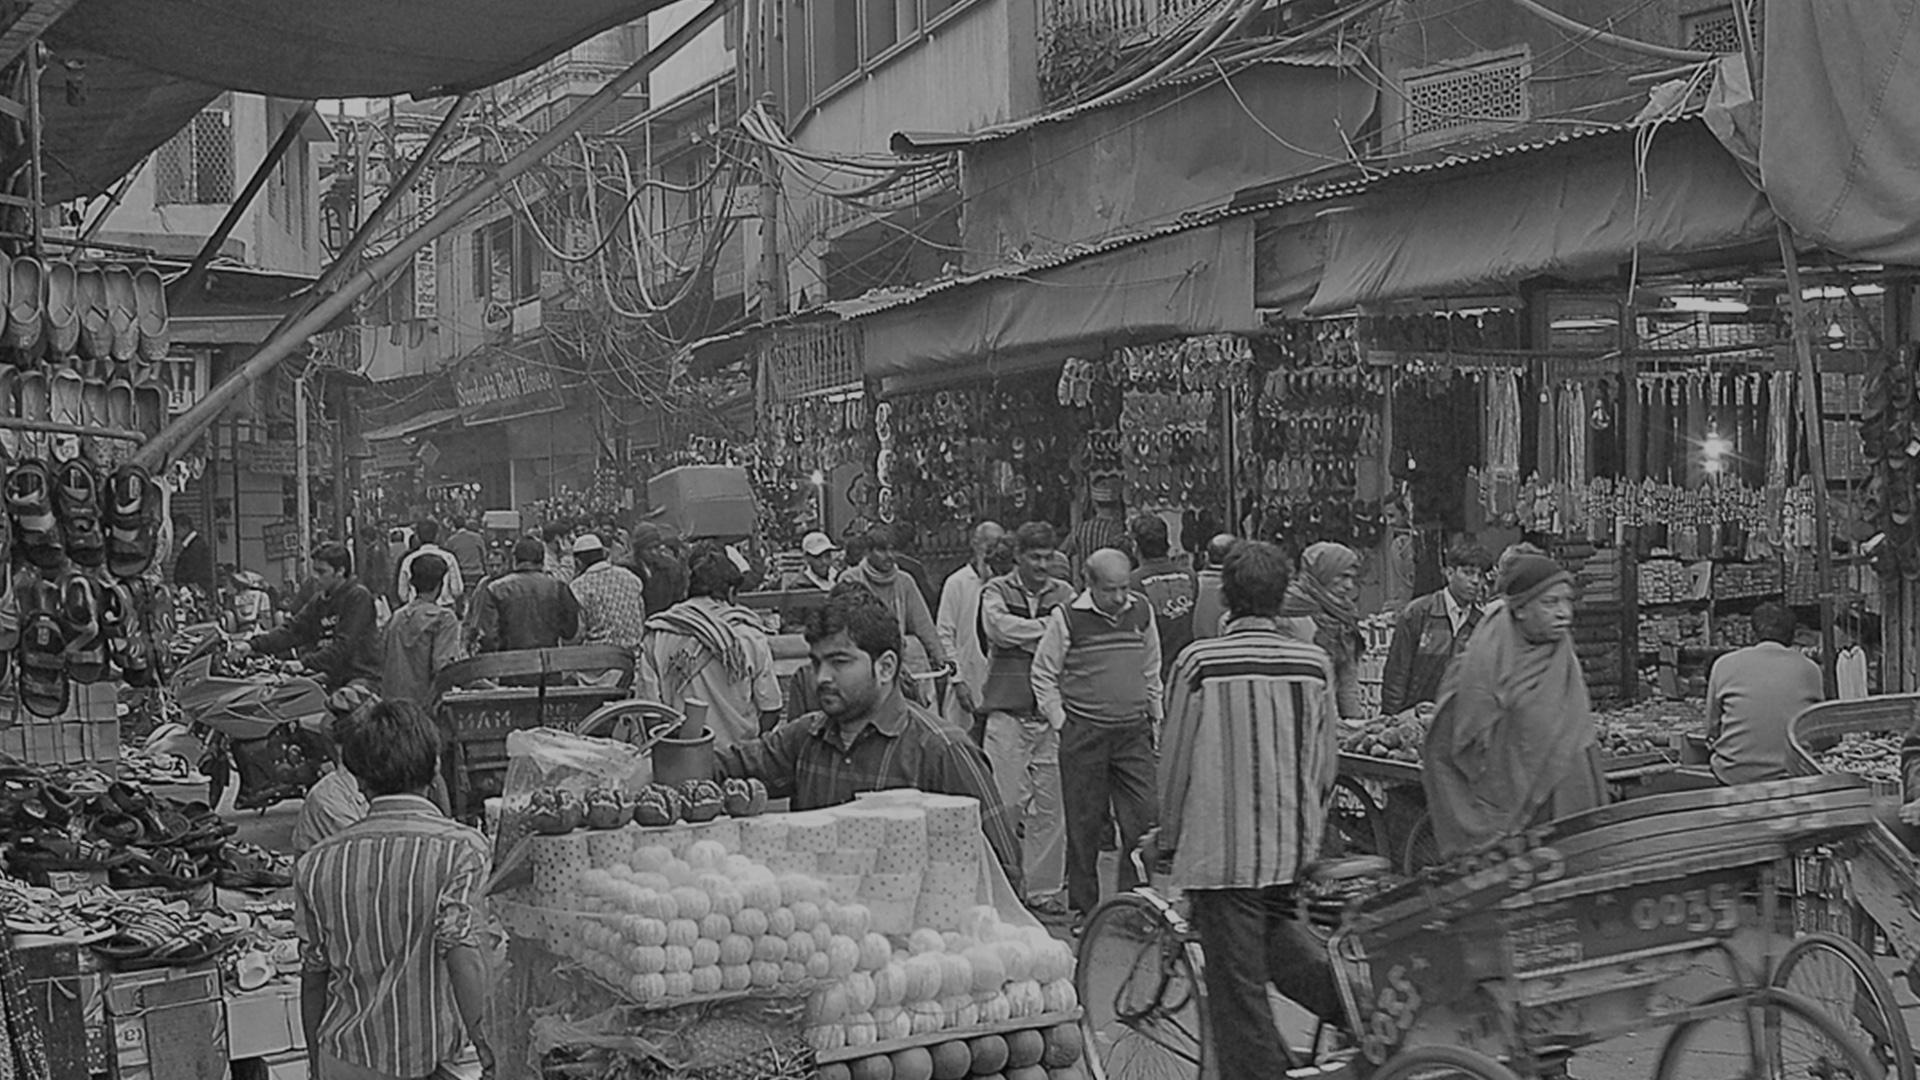 Delhi Chandni Chowk - History and Market of Delhi